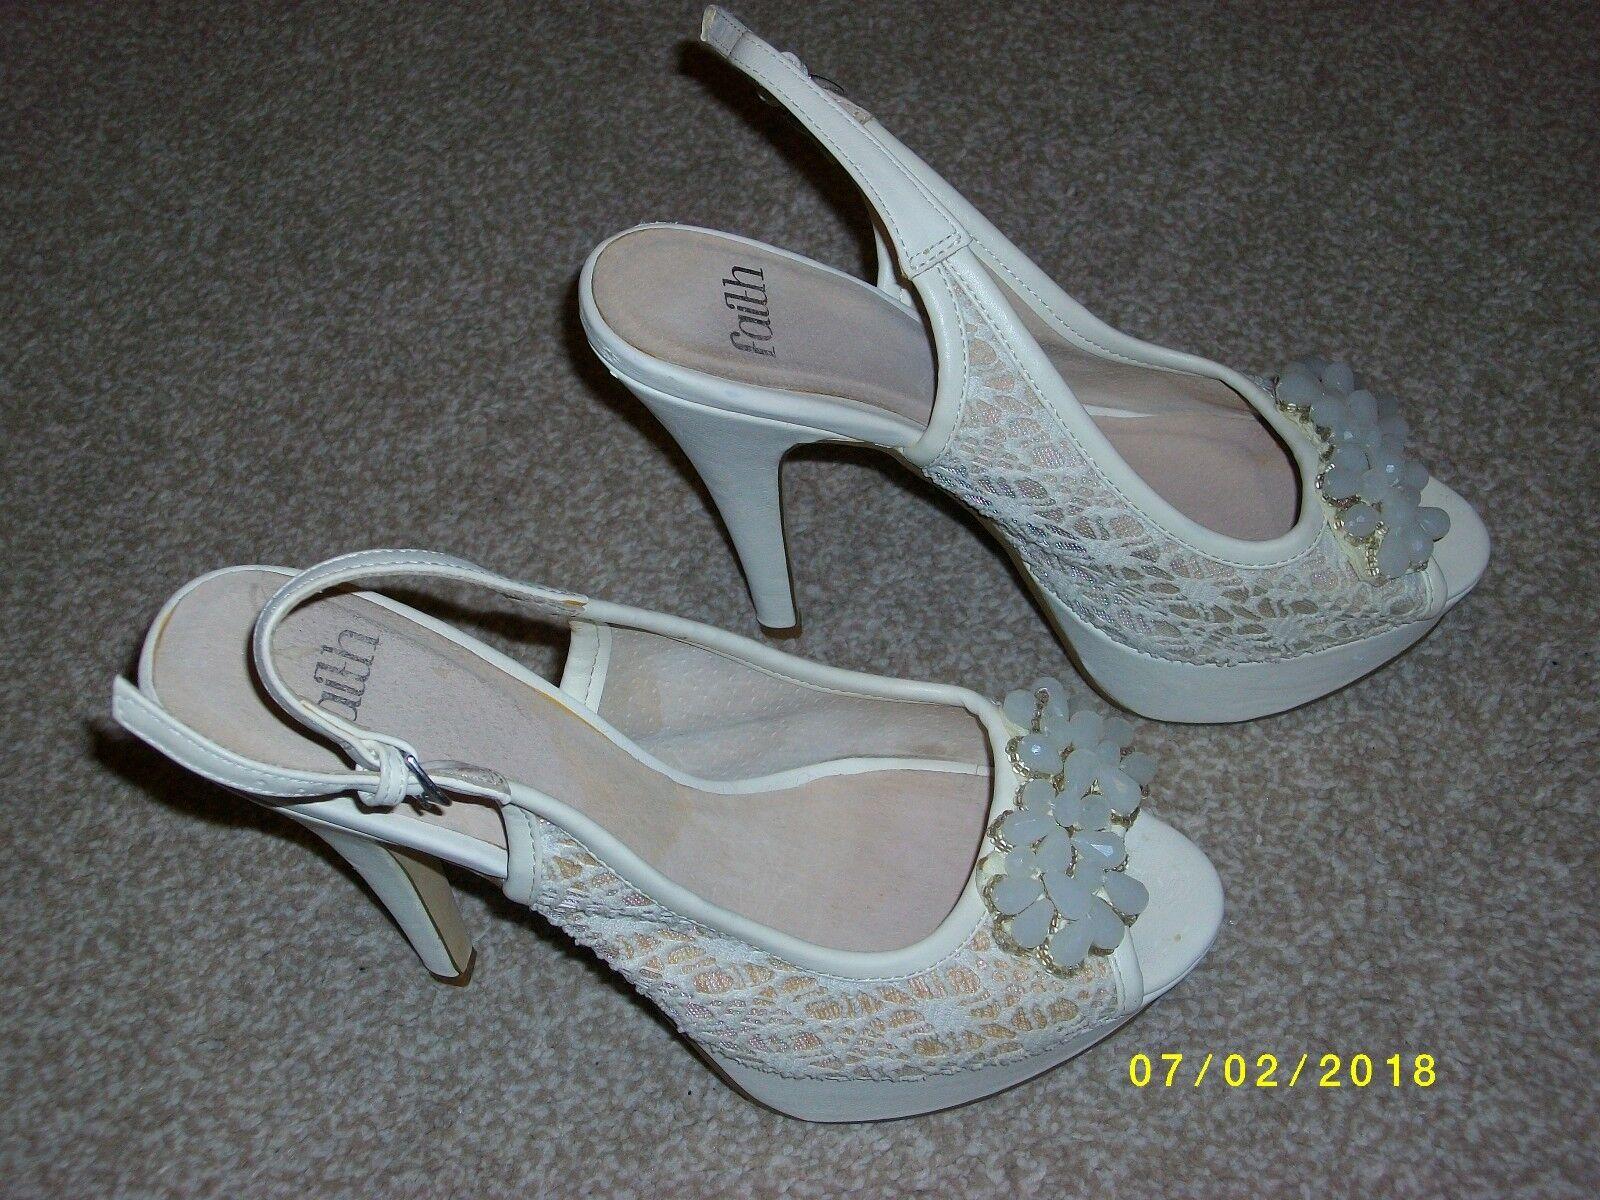 Moda jest prosta i niedroga Ladies Sling Back Beige Shoes Size 6 from Faith